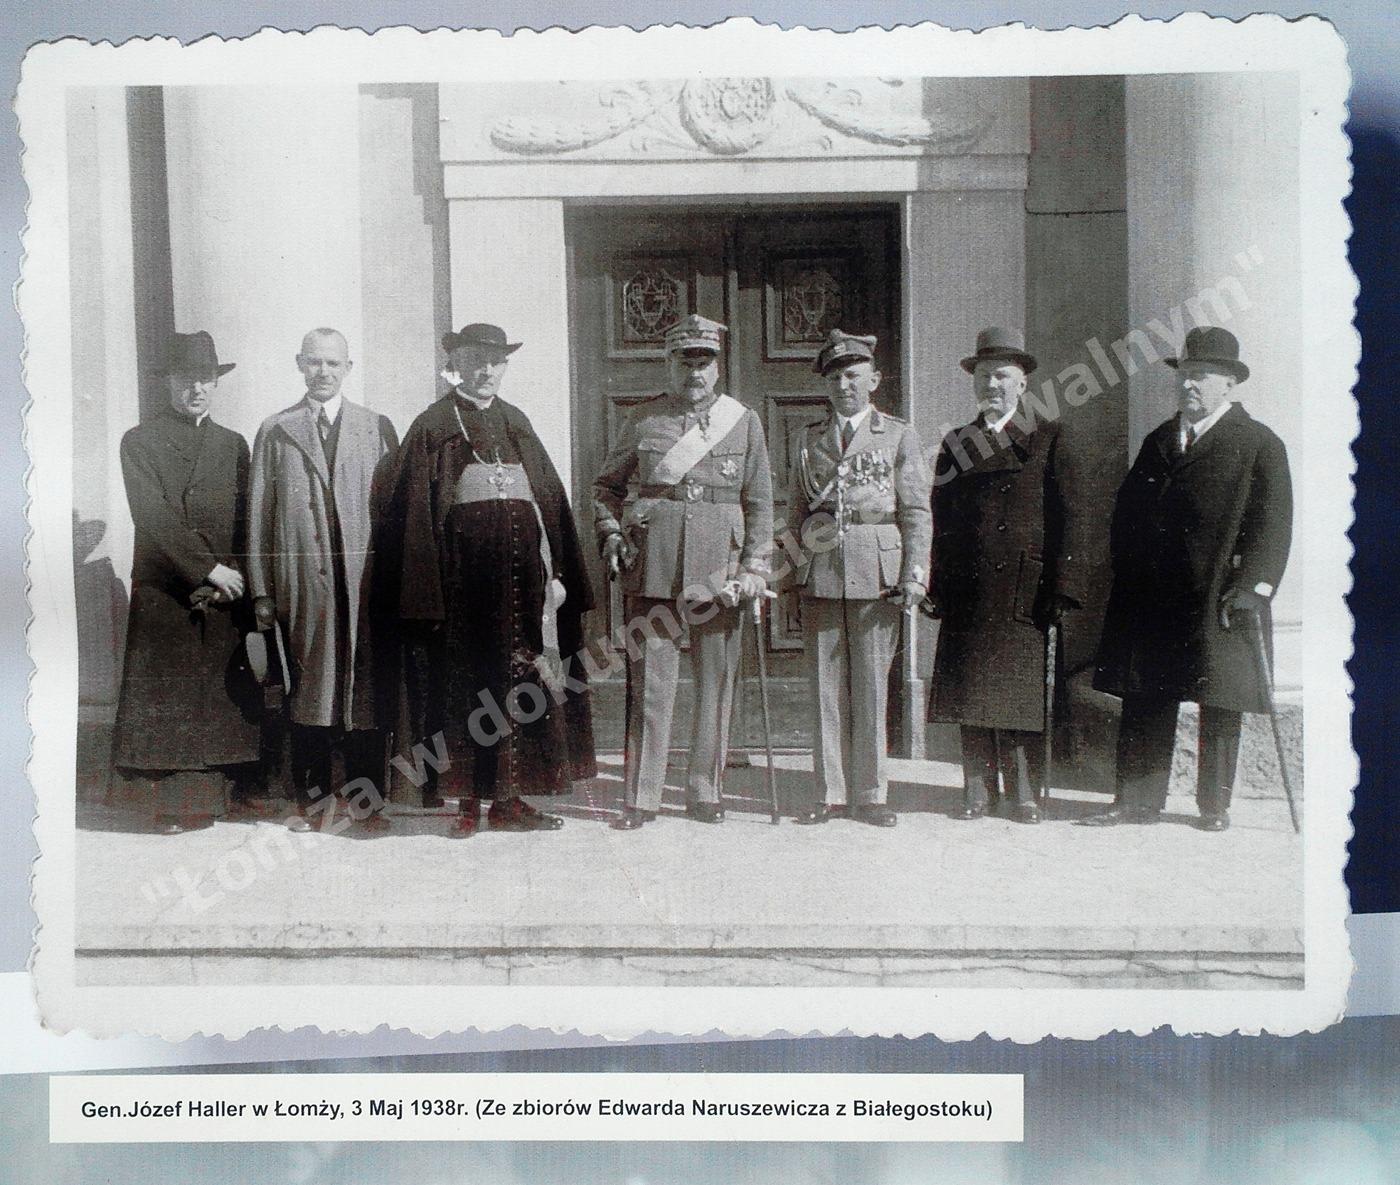 Drugi z lewej: Biskup Łomżyński Kostka - Łukomski, po środku gen. Haller